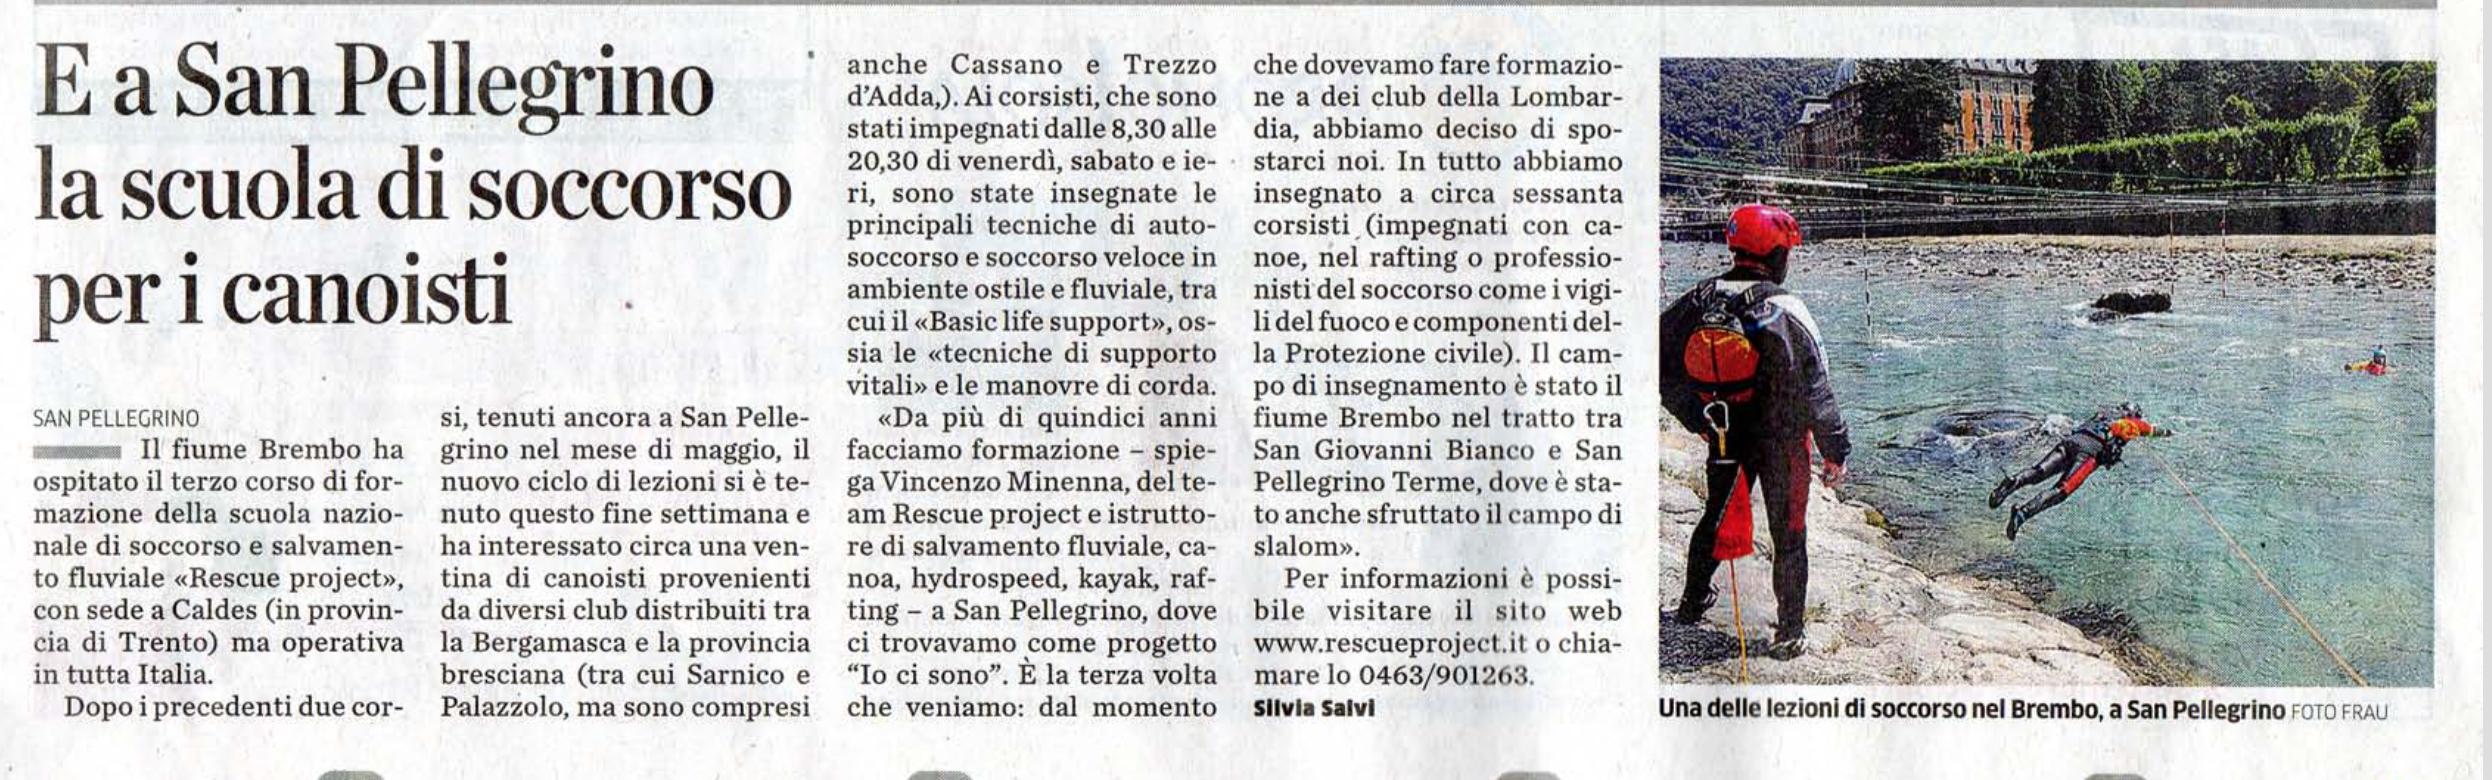 Giornale l'Eco di Bergamo